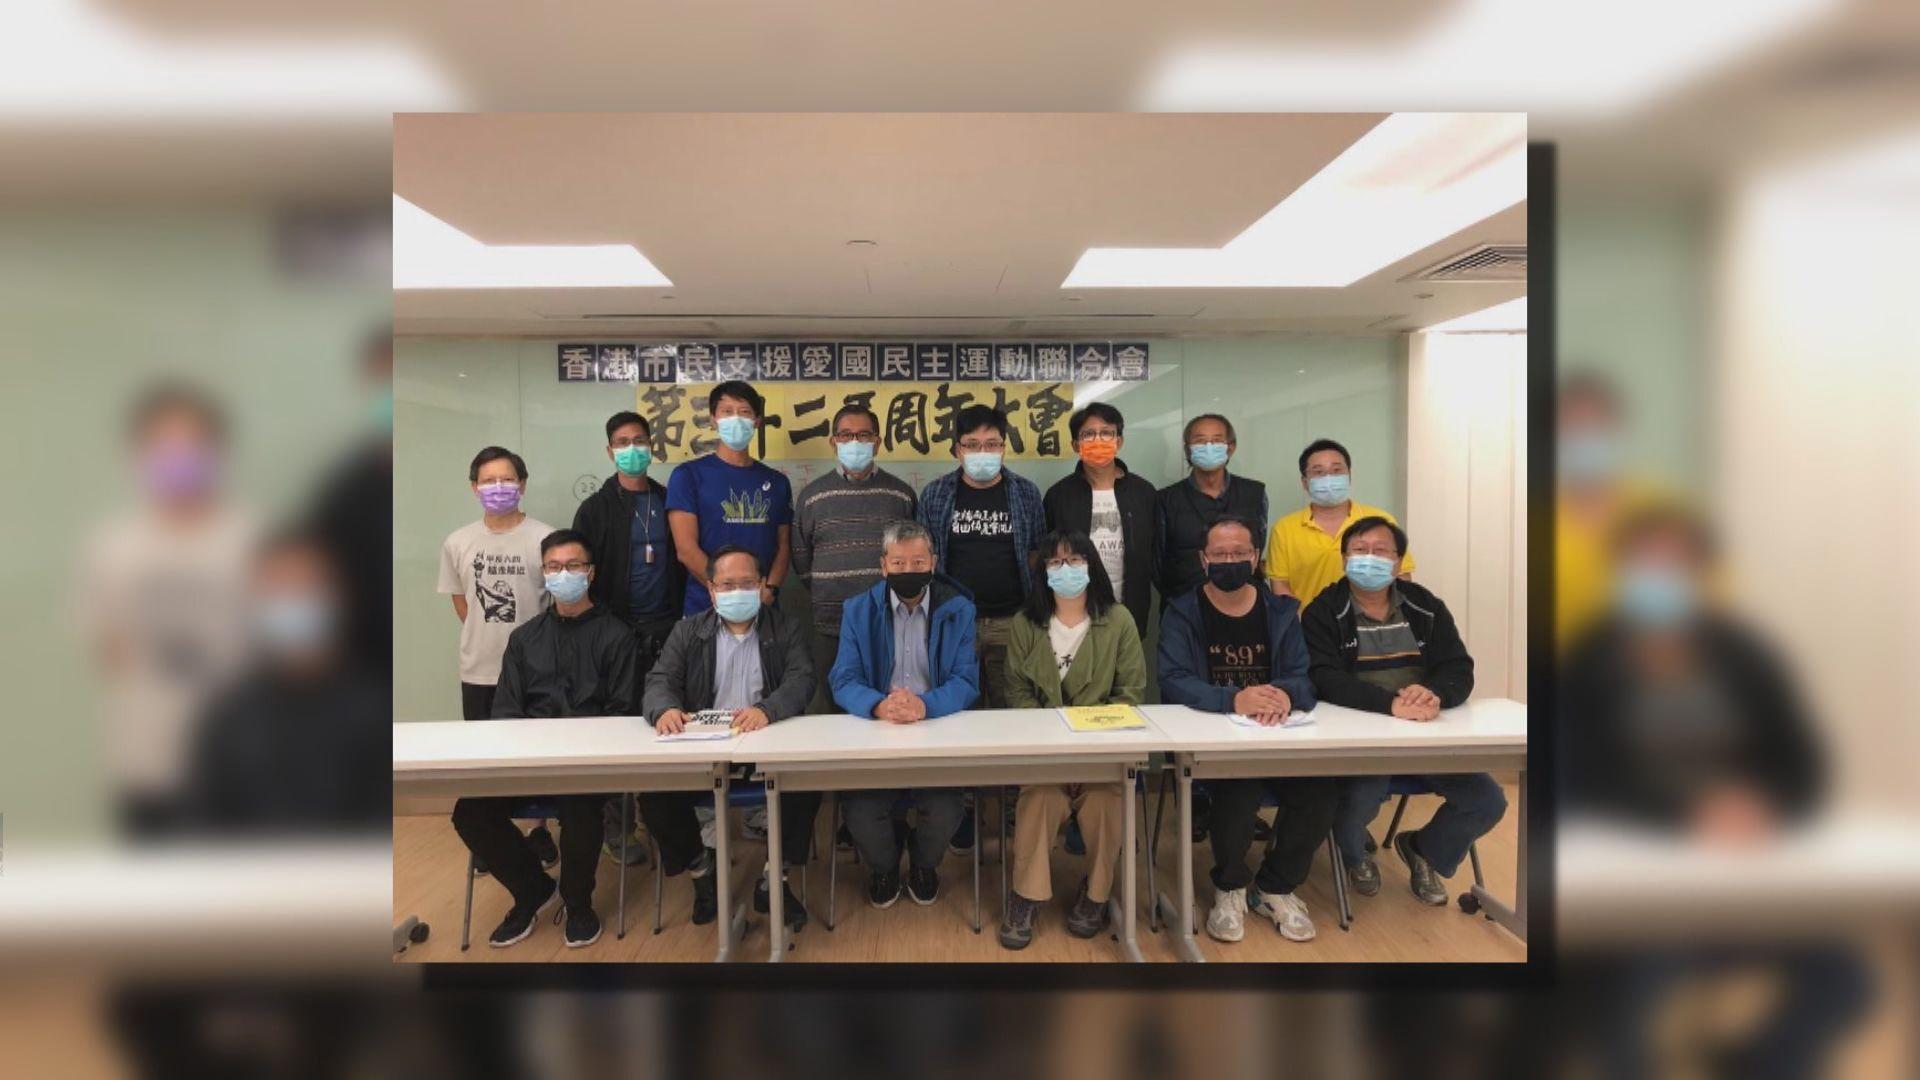 支聯會舉行周年大會 李卓人擔任主席